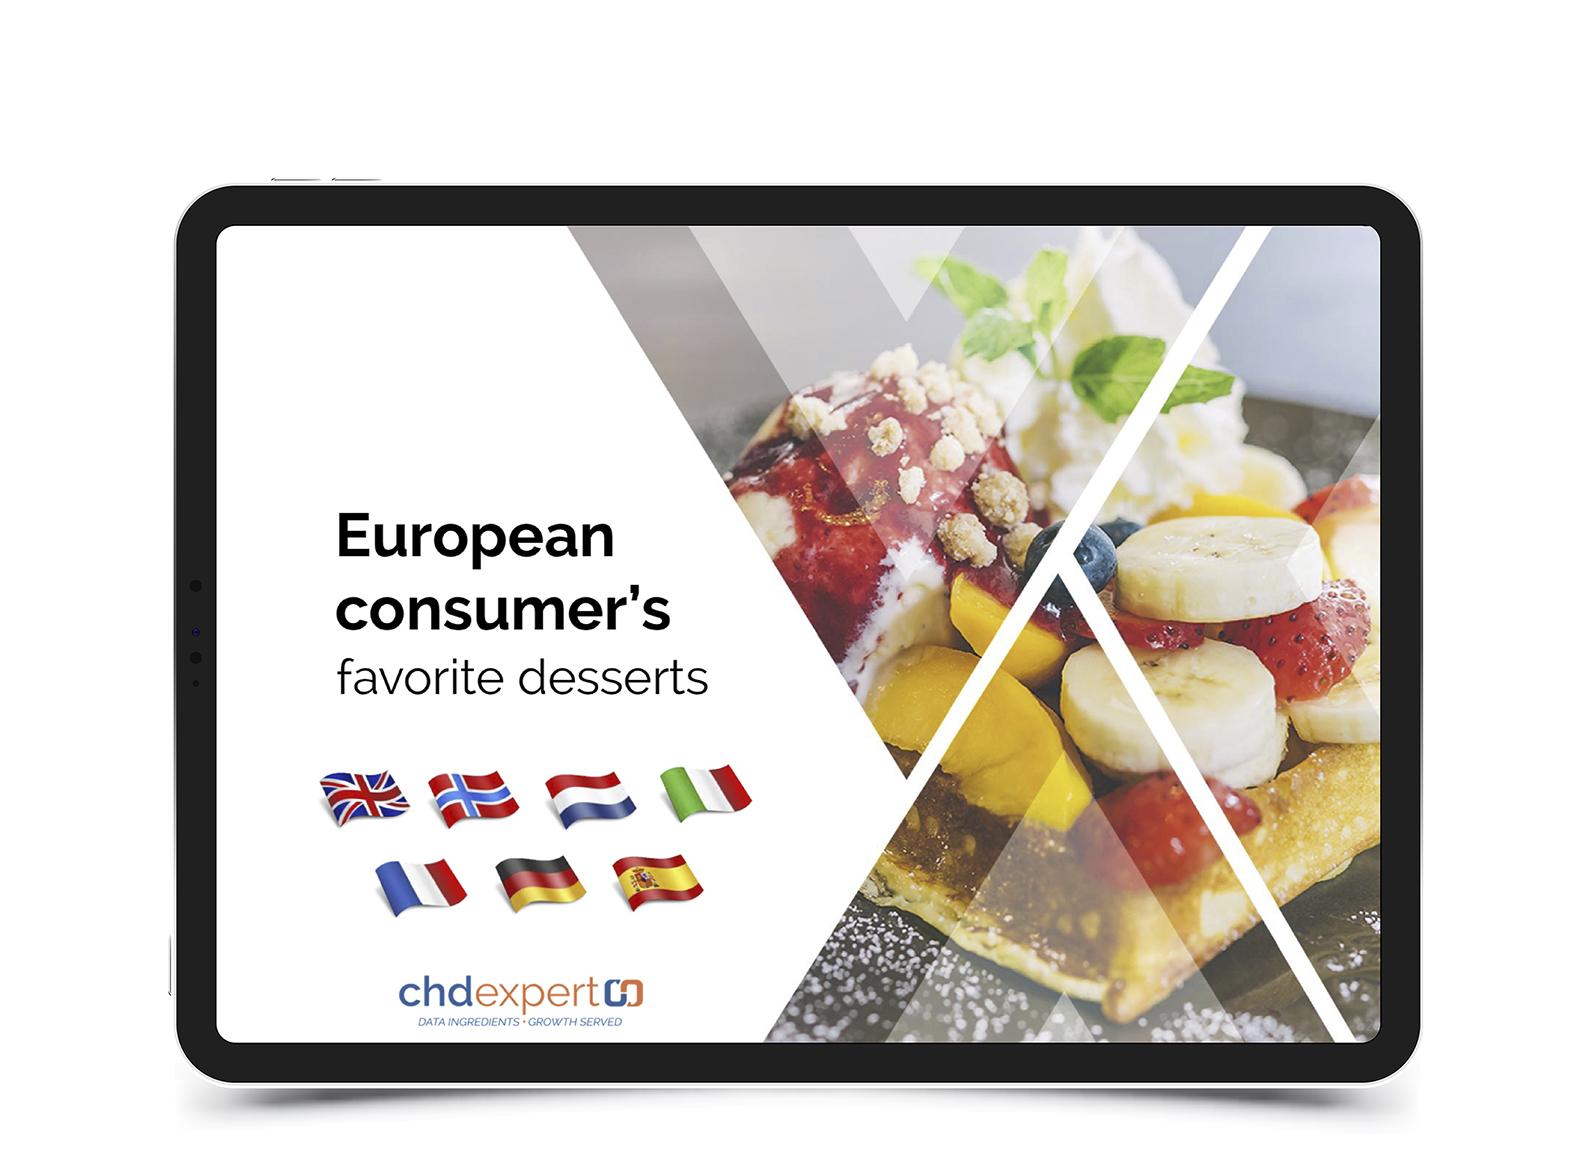 European consumer's favorite desserts • 2018